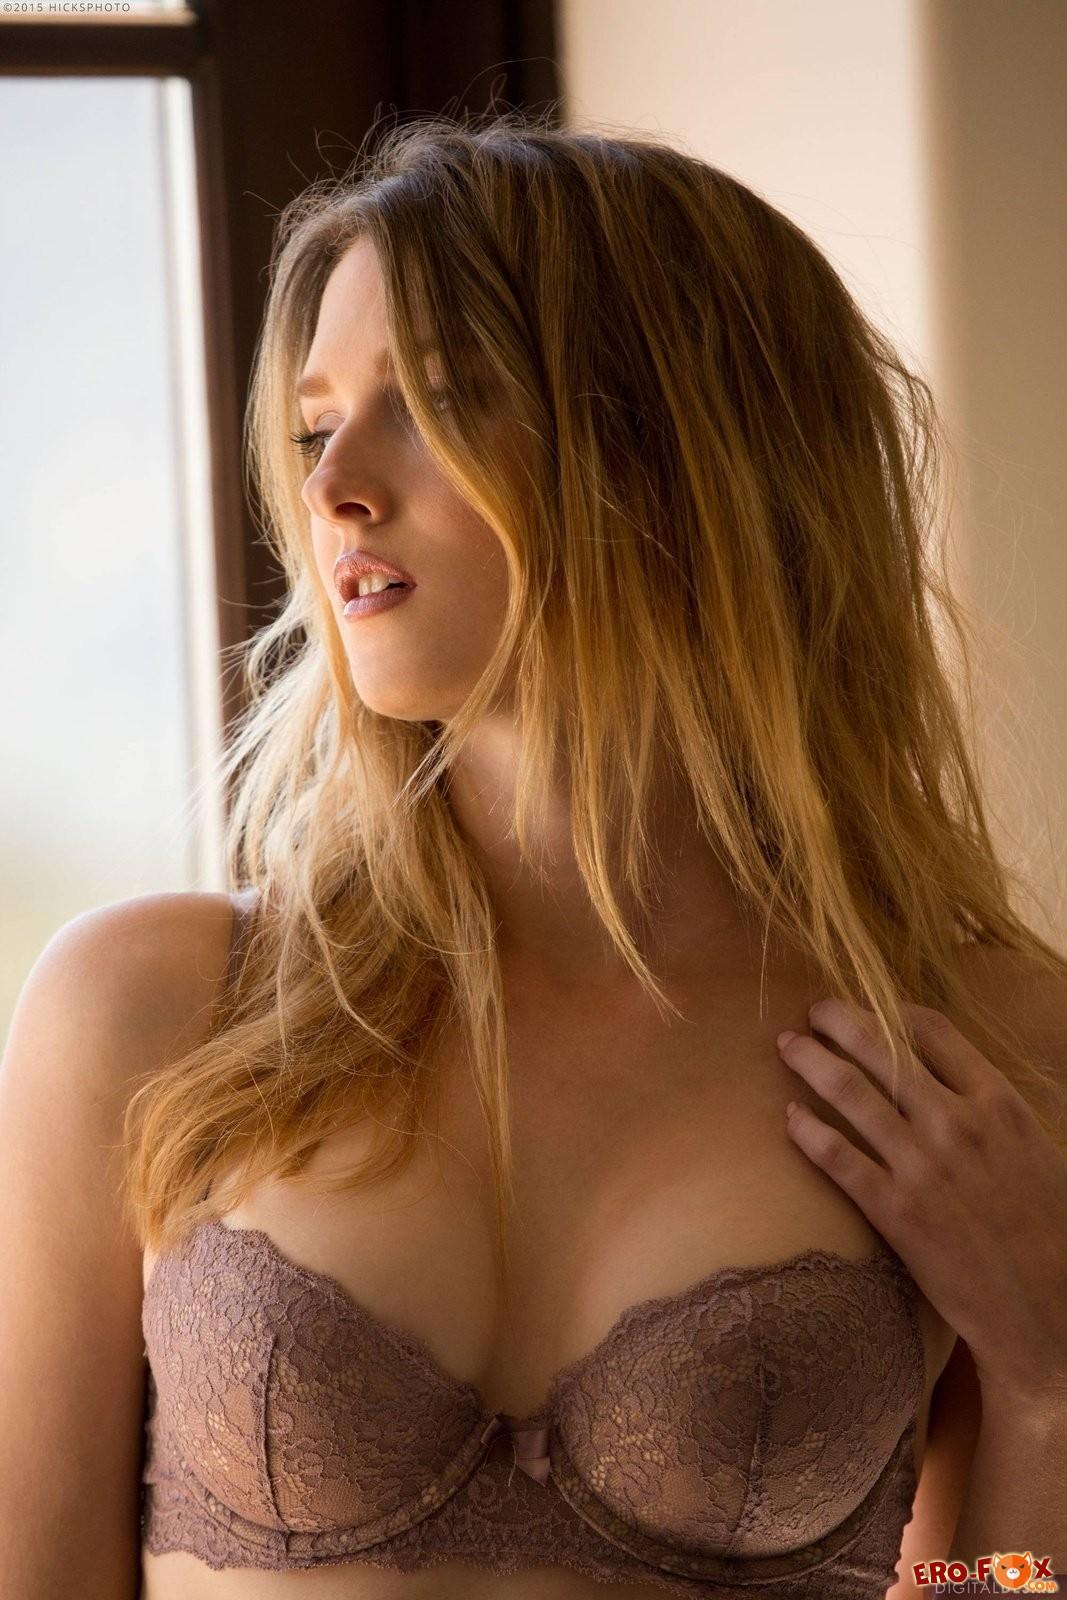 Девушка с красивой упругой попкой  грудью